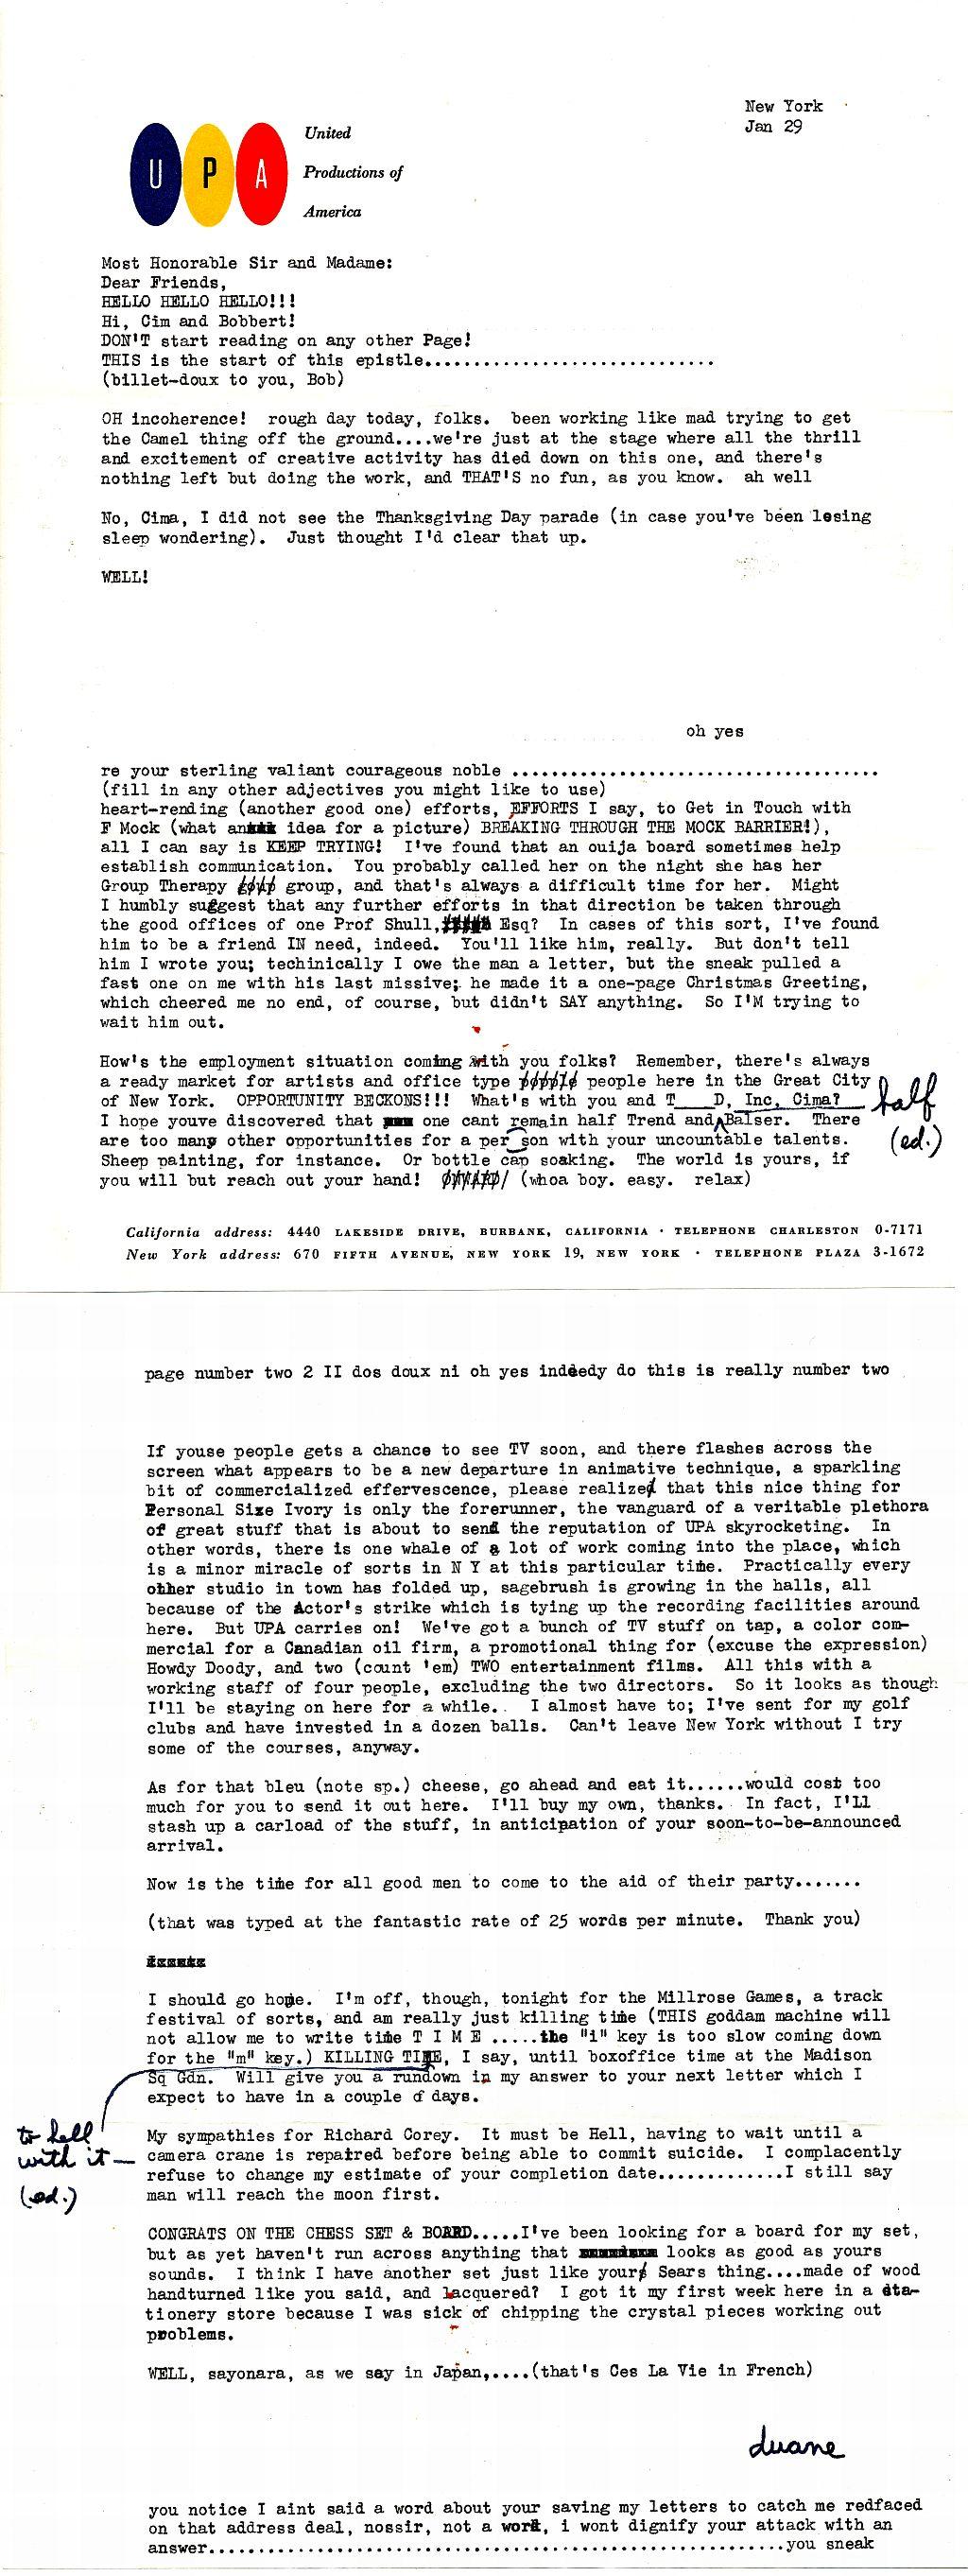 duane-letter-1-29-53.jpg